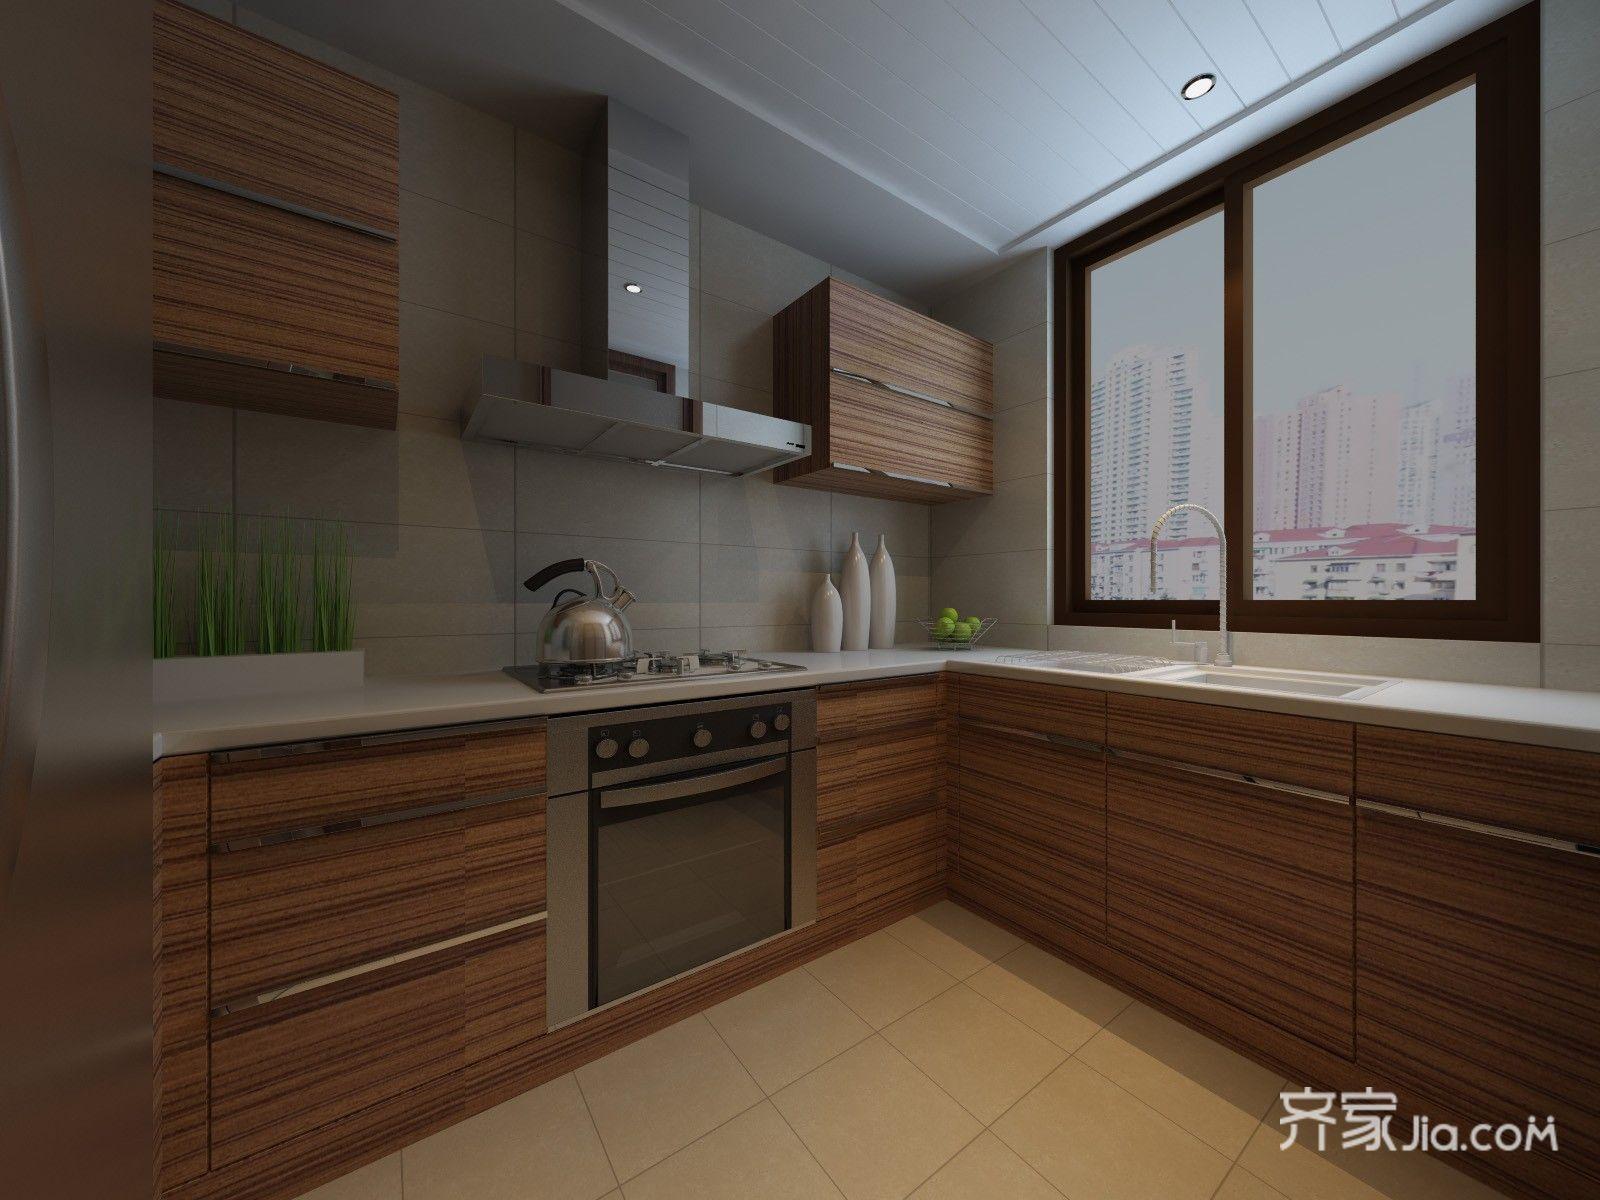 现代简约风格三居厨房设计效果图